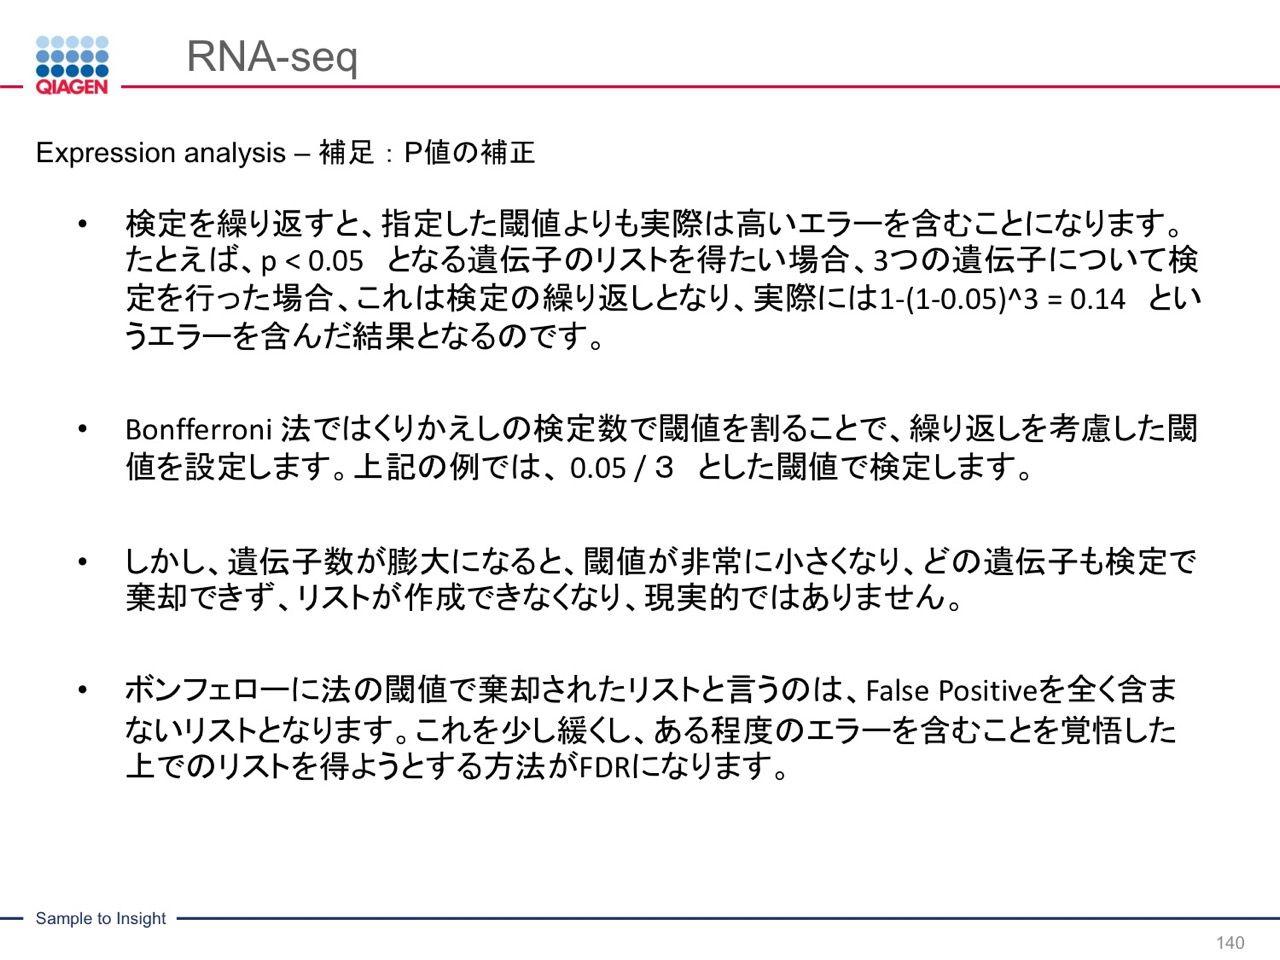 images/AJACSa2_miyamoto_140.jpg